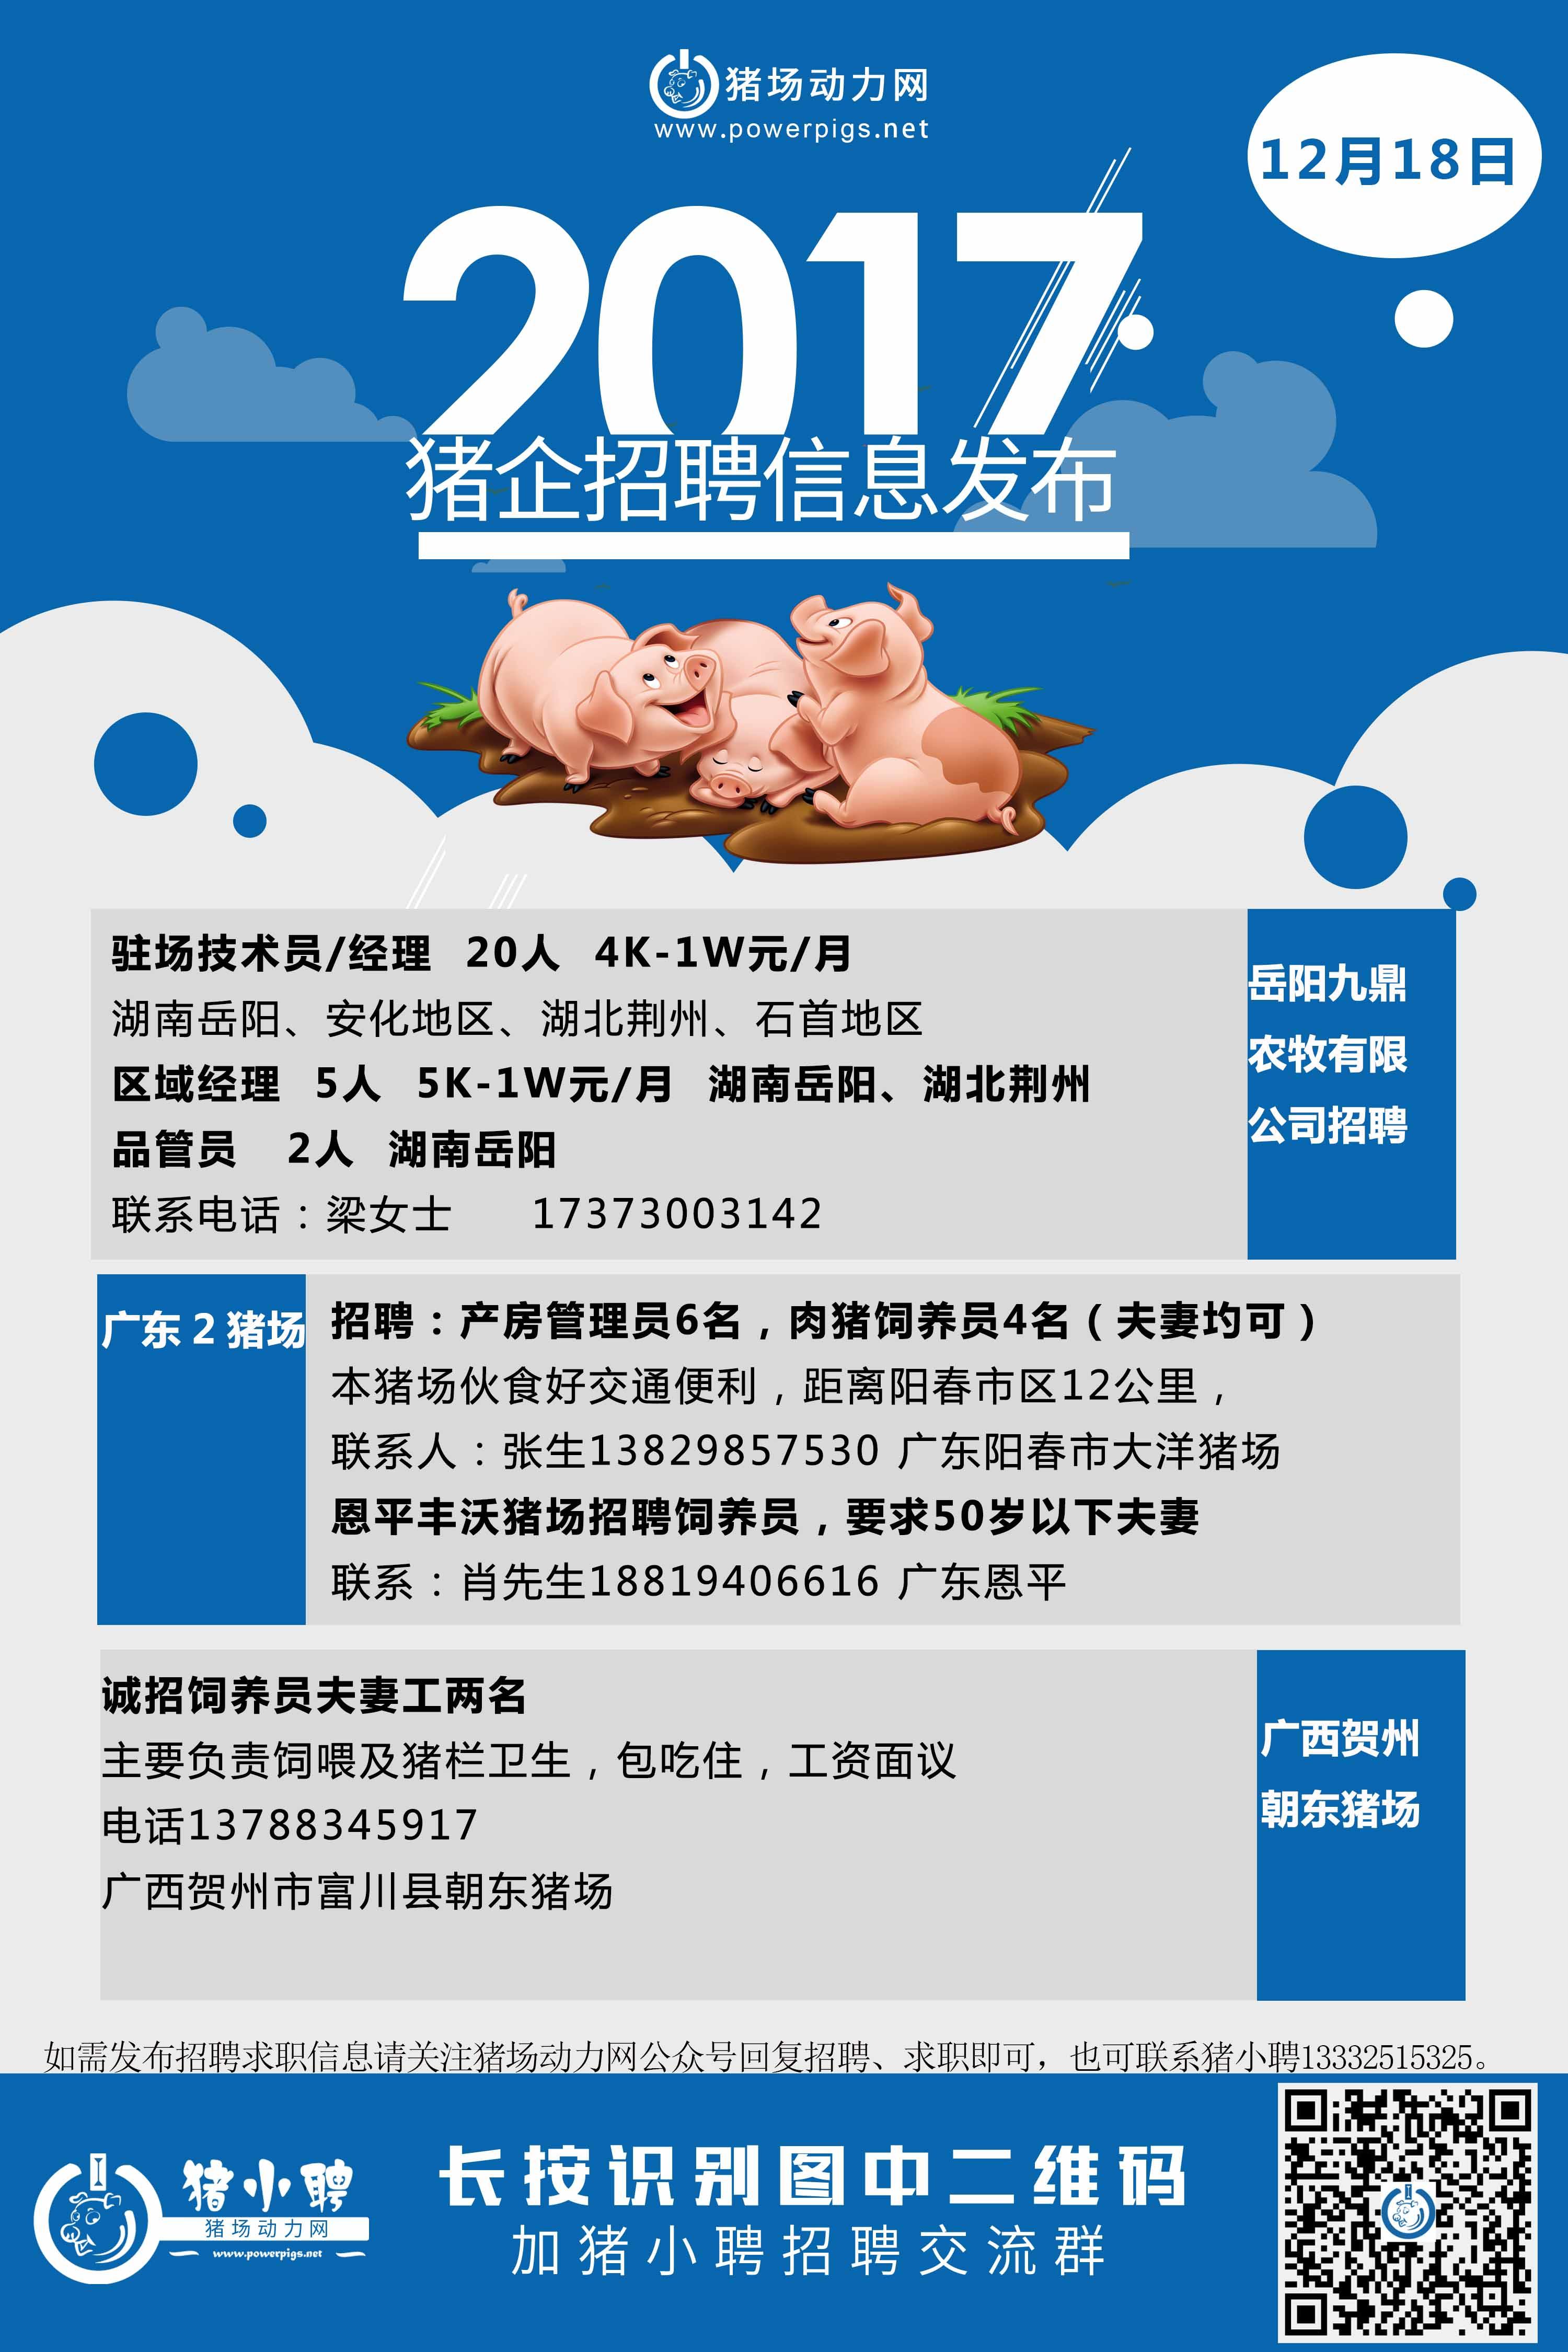 12.18日猪场招聘 B.jpg